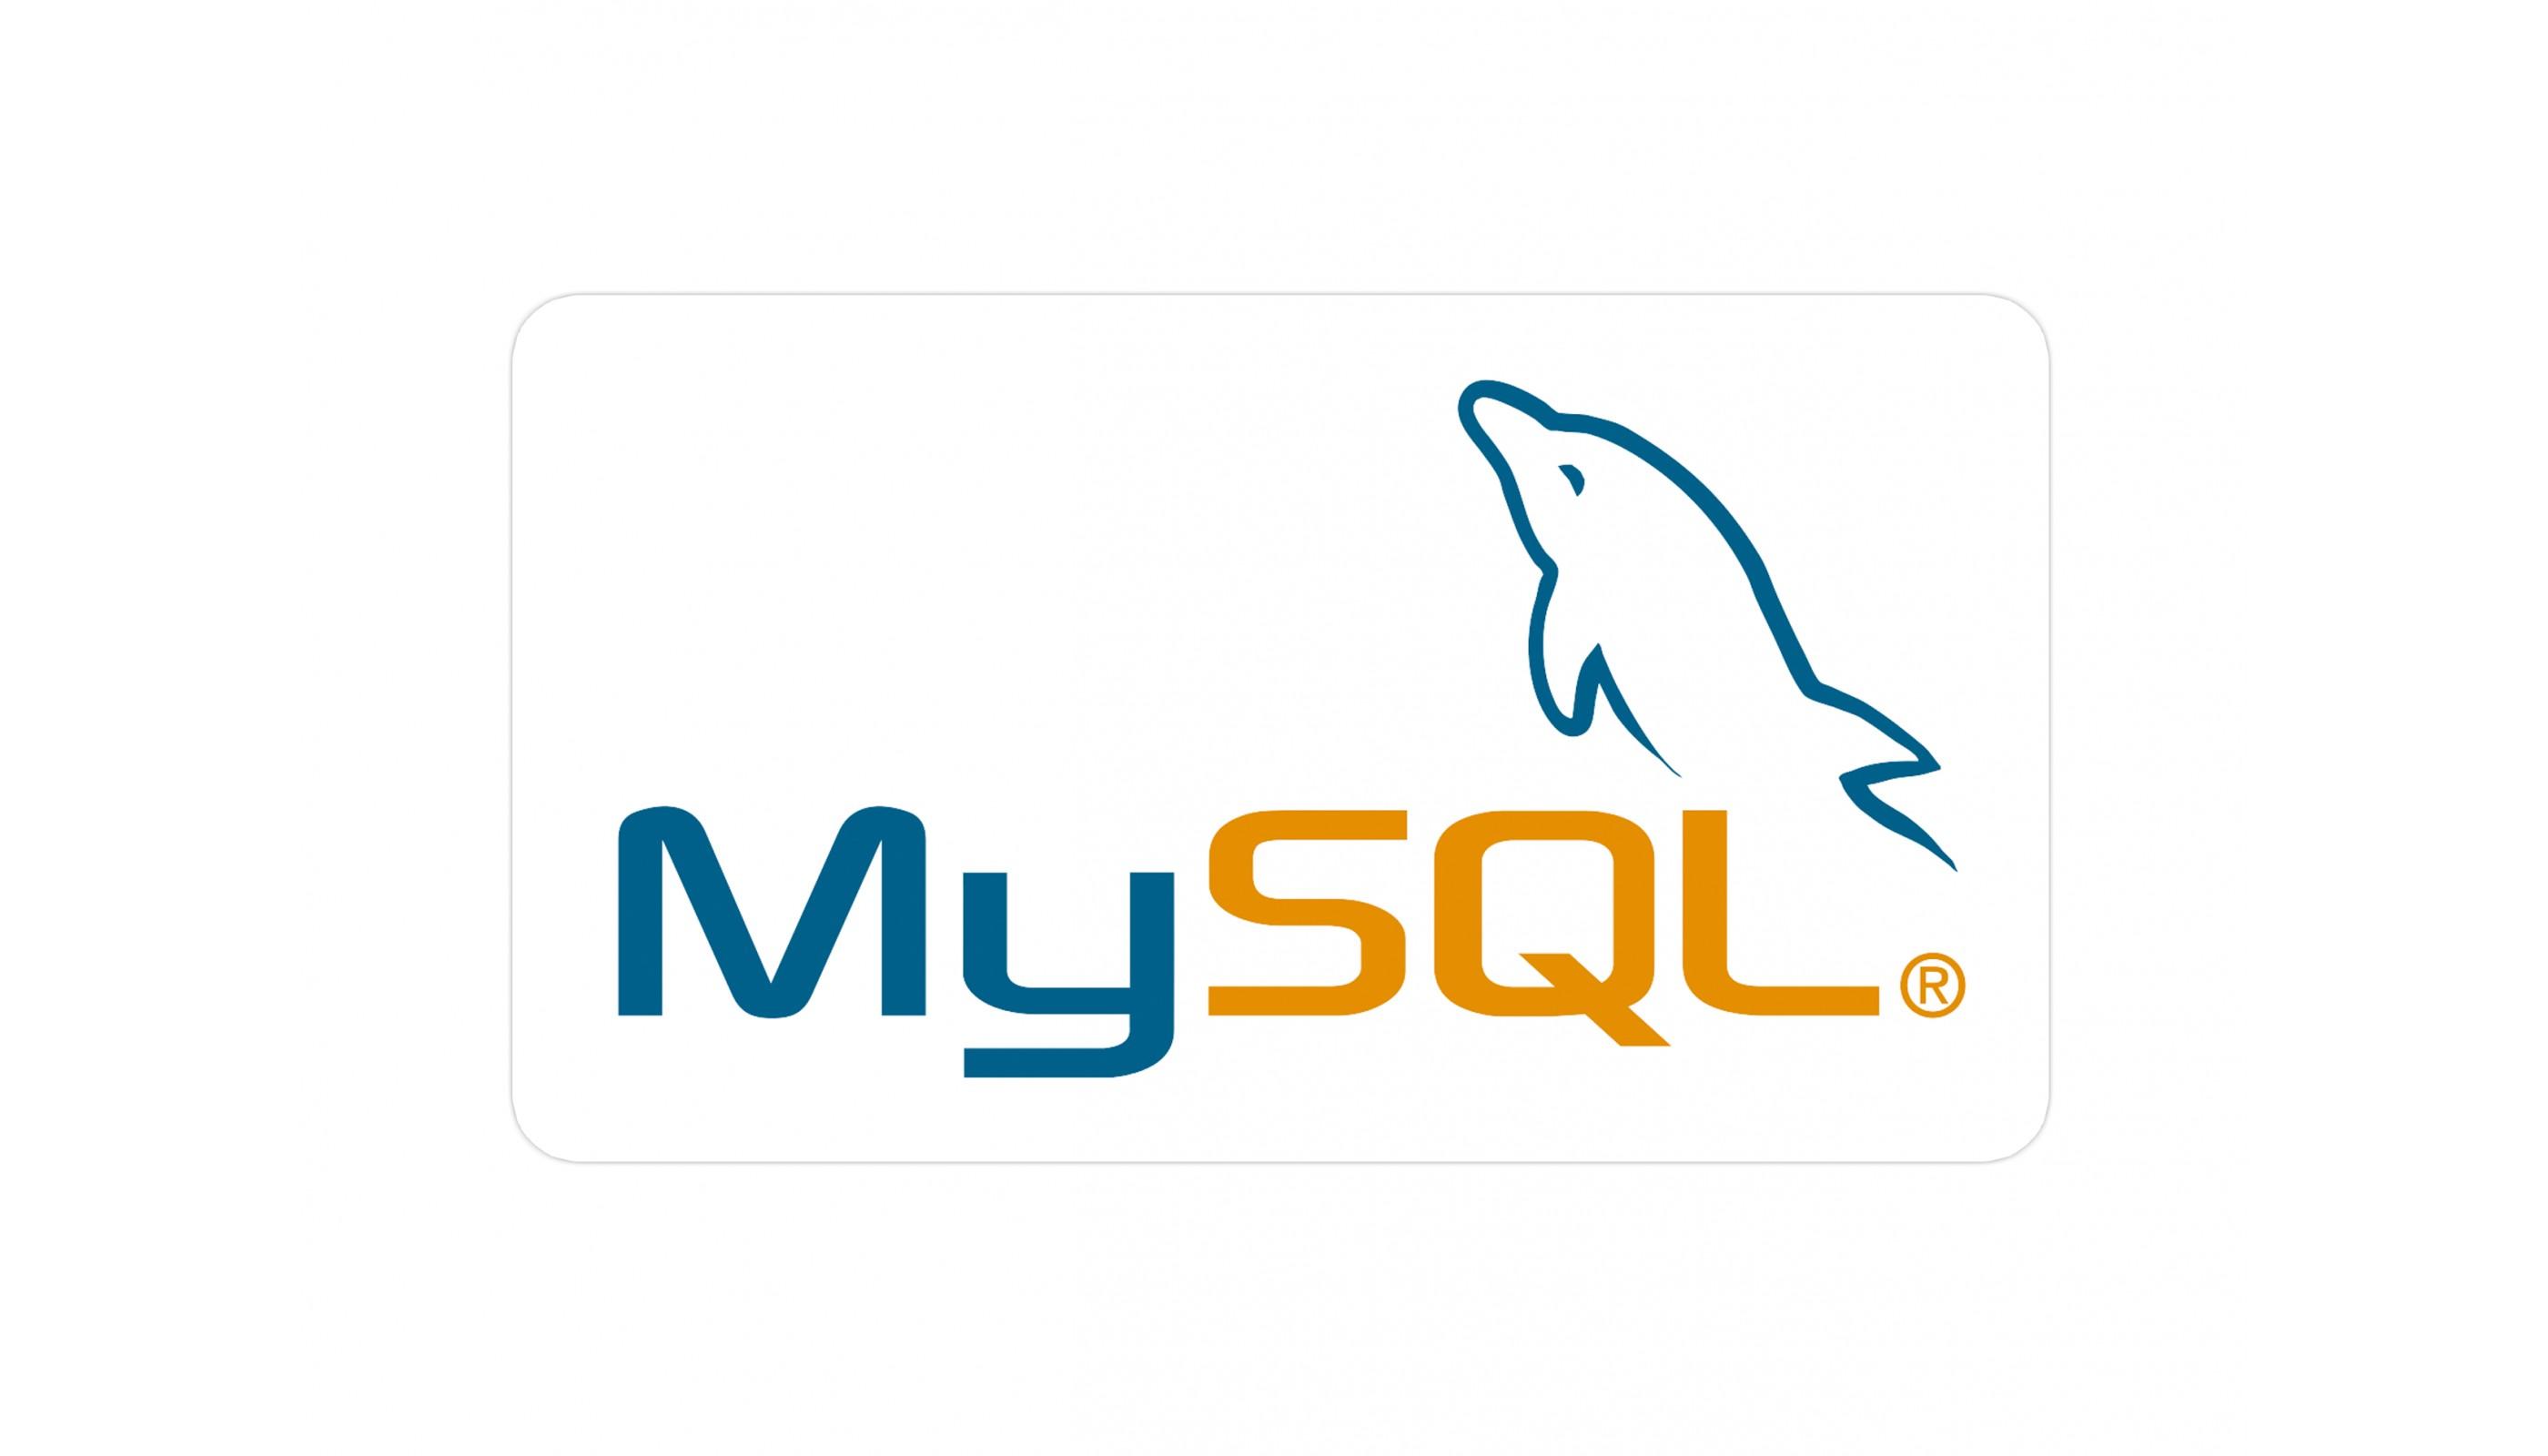 MySQL vinyl sticker